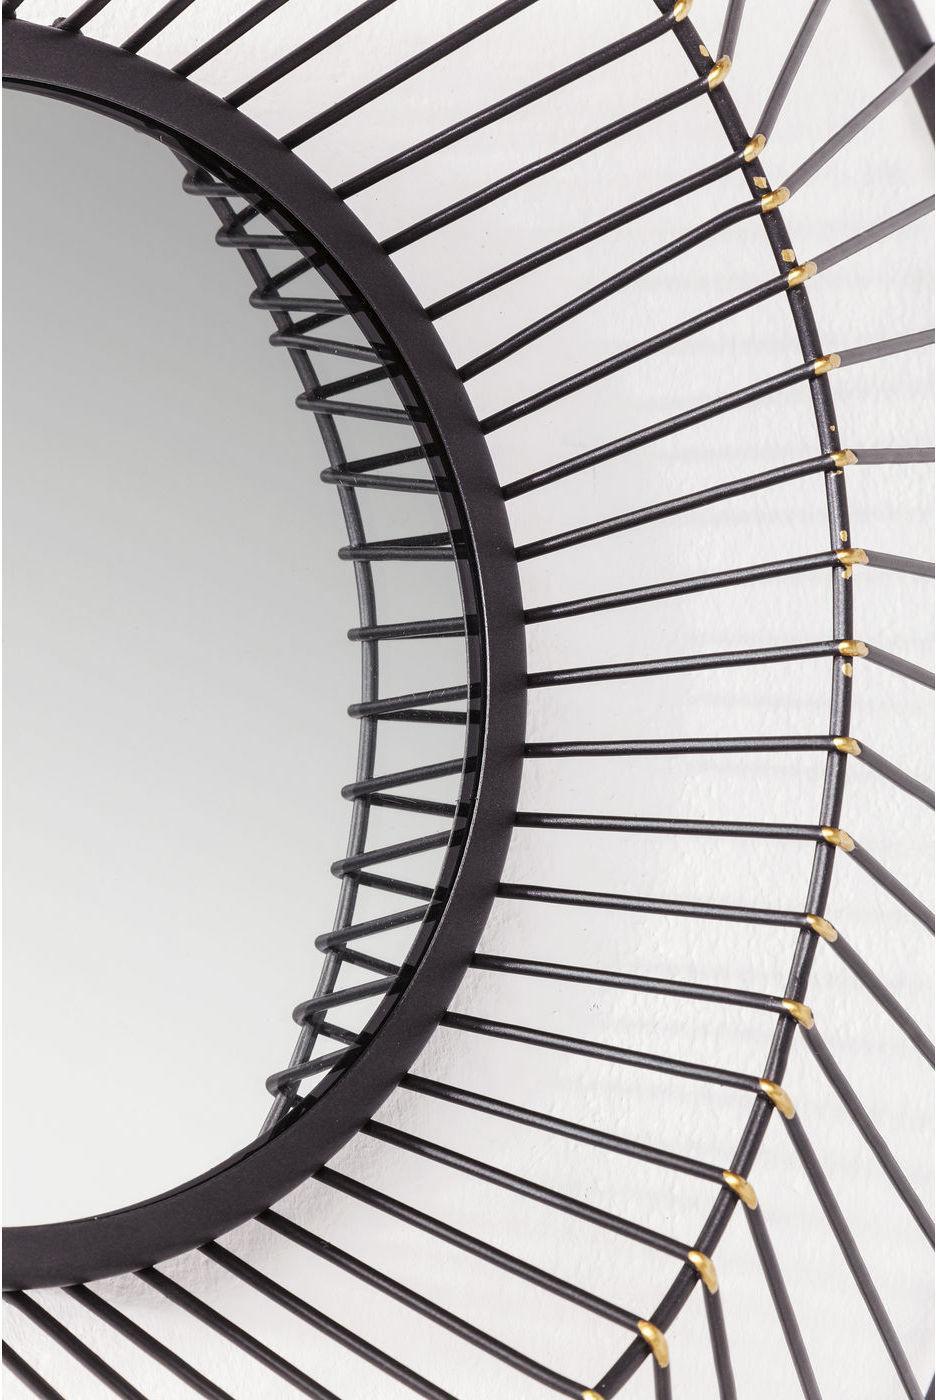 kare design spiegel filo 61cm meubelen verlichting. Black Bedroom Furniture Sets. Home Design Ideas